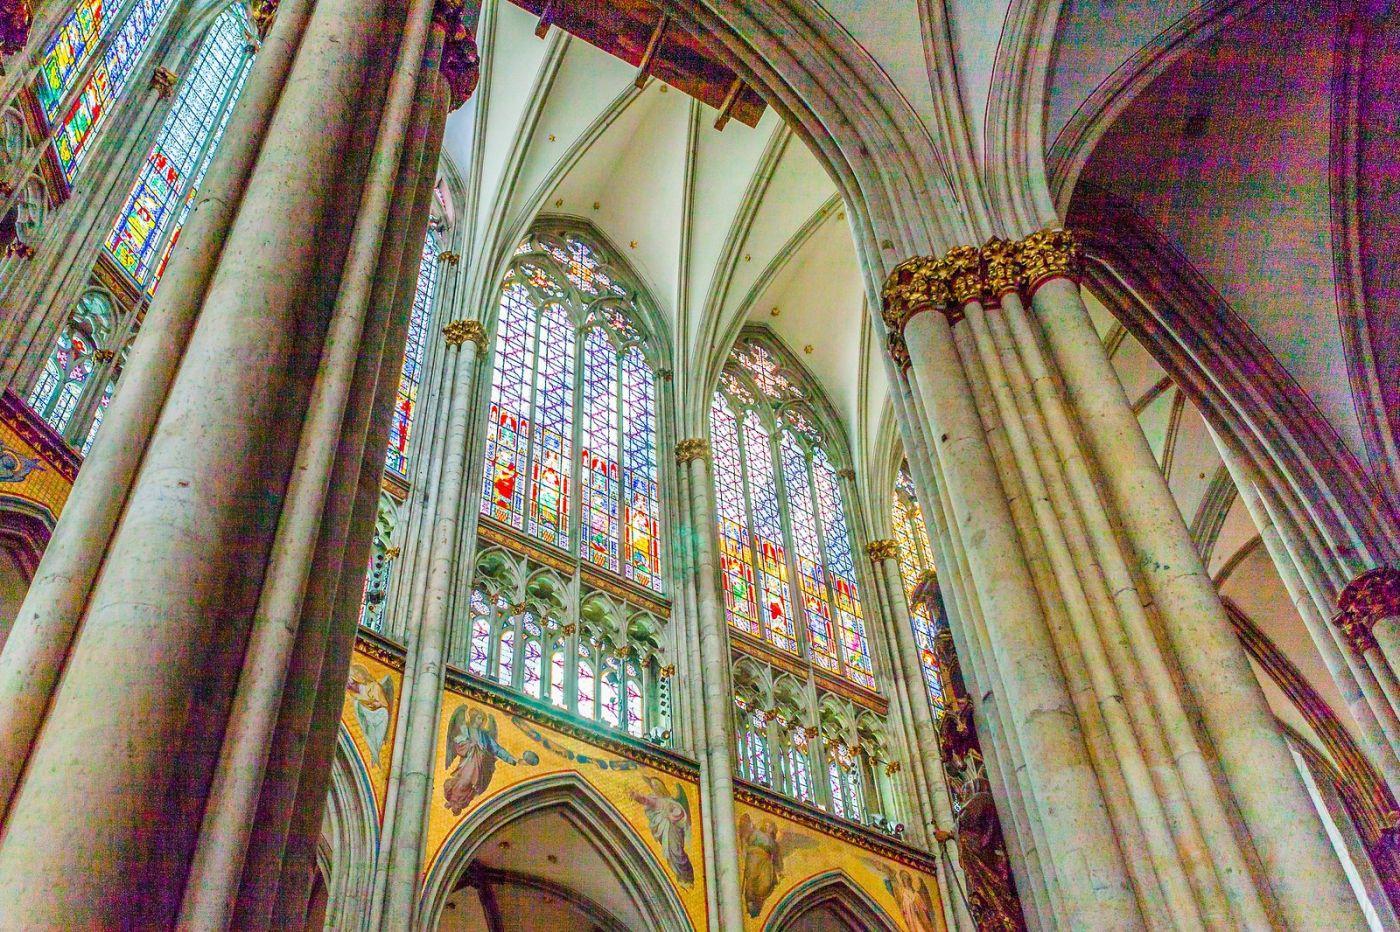 德国科隆大教堂,独一无二的窗户玻璃_图1-2